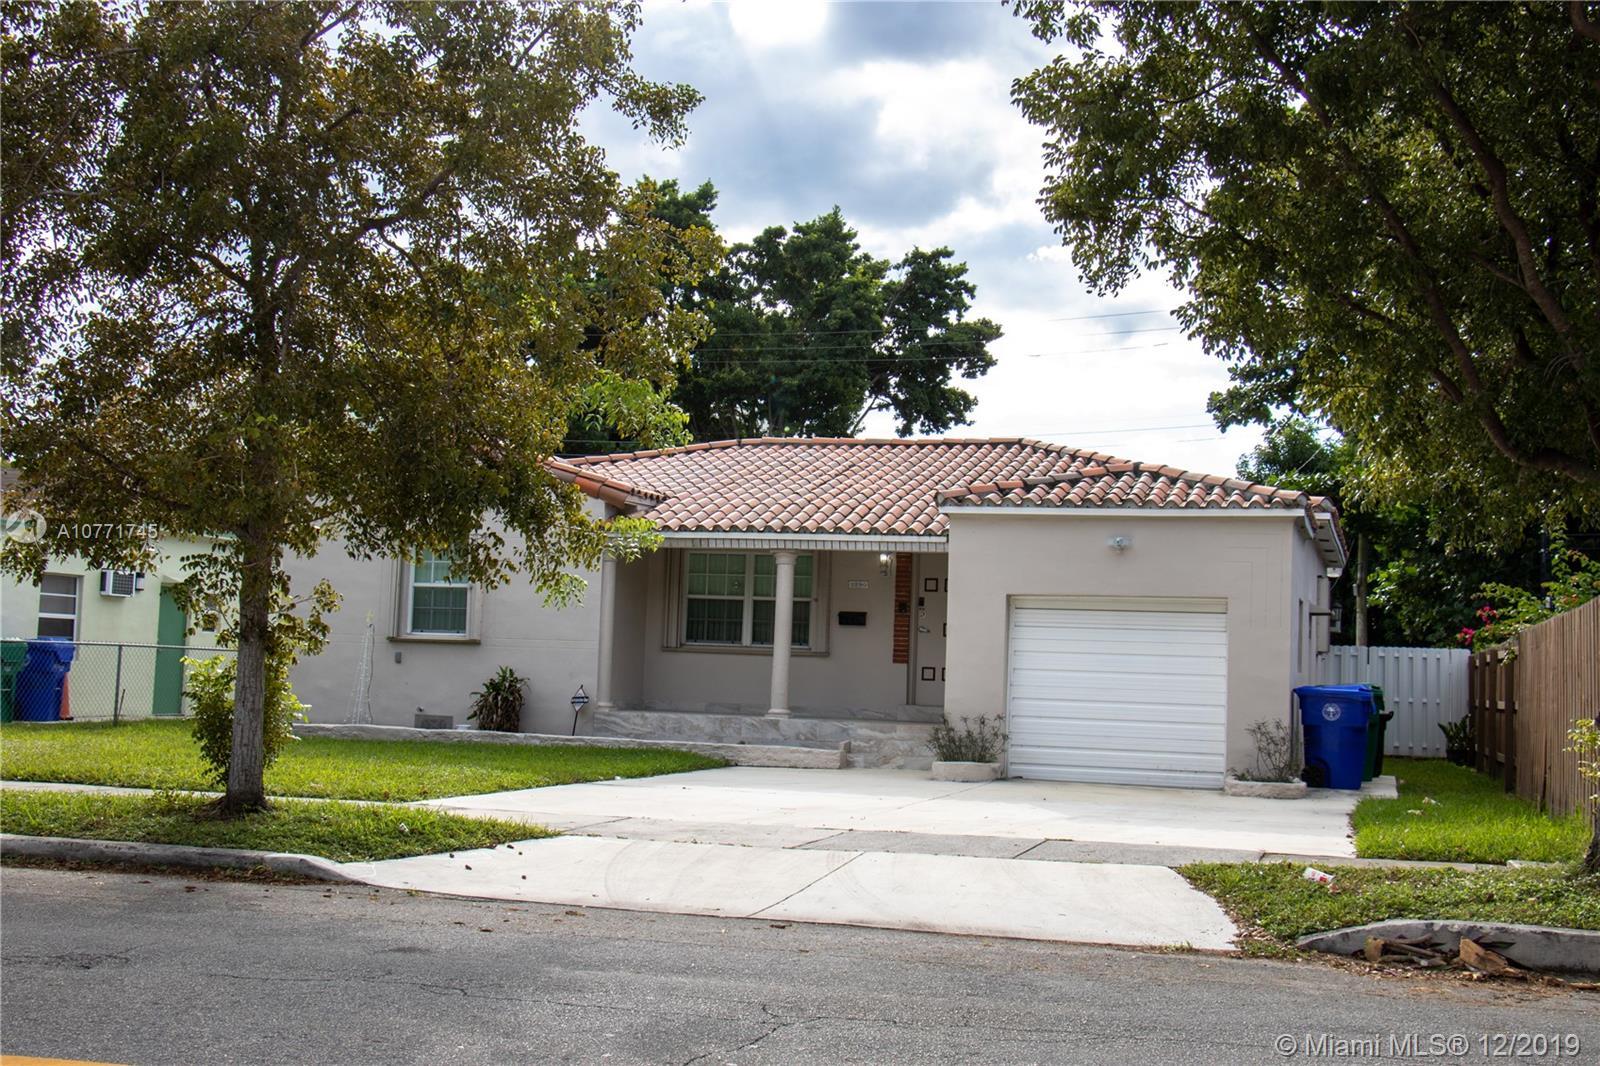 2290 SW 26th Ln - Miami, Florida